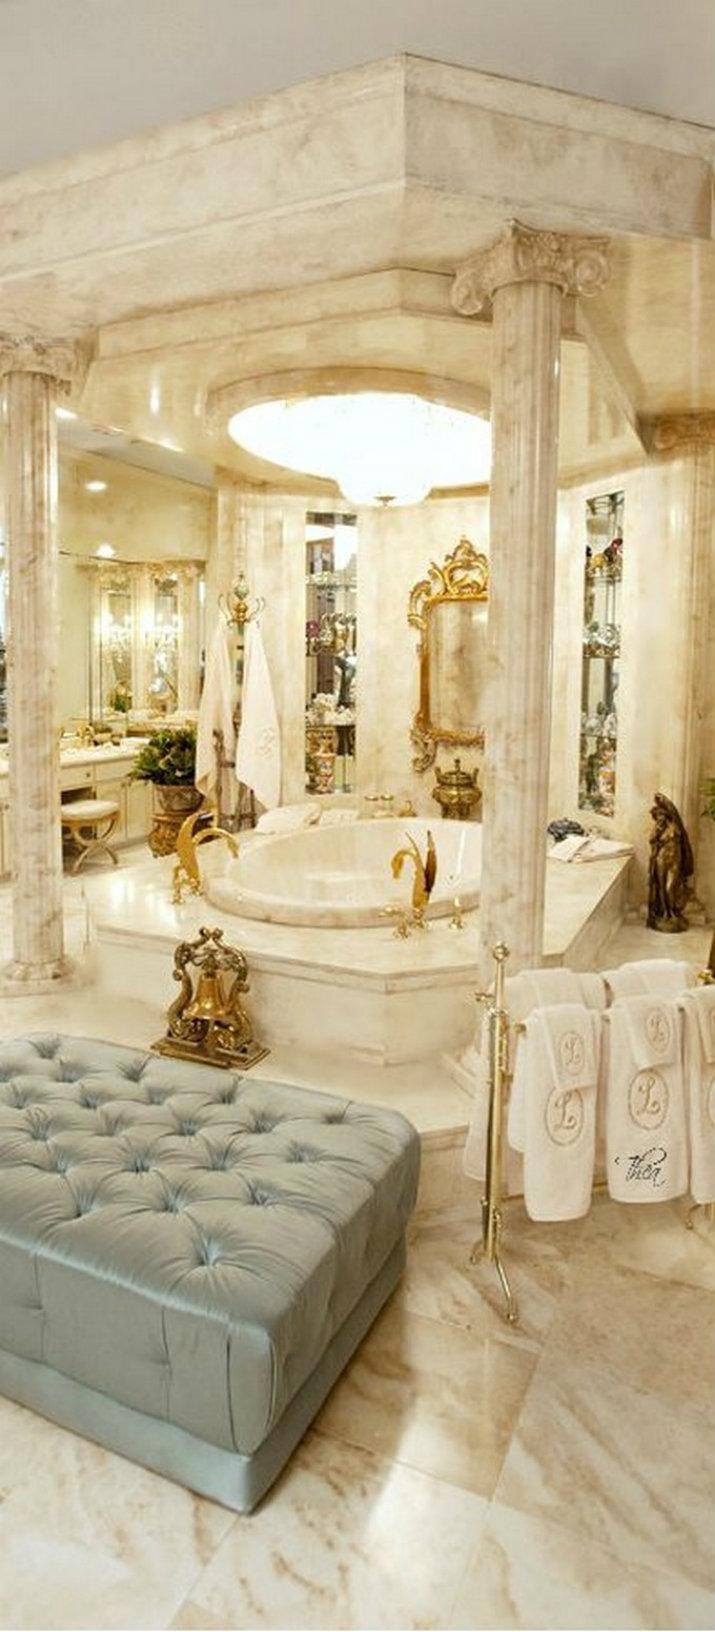 maison bains TOP 8 MILLIONAIRES SALLES DE BAINS DANS LE MONDE maison